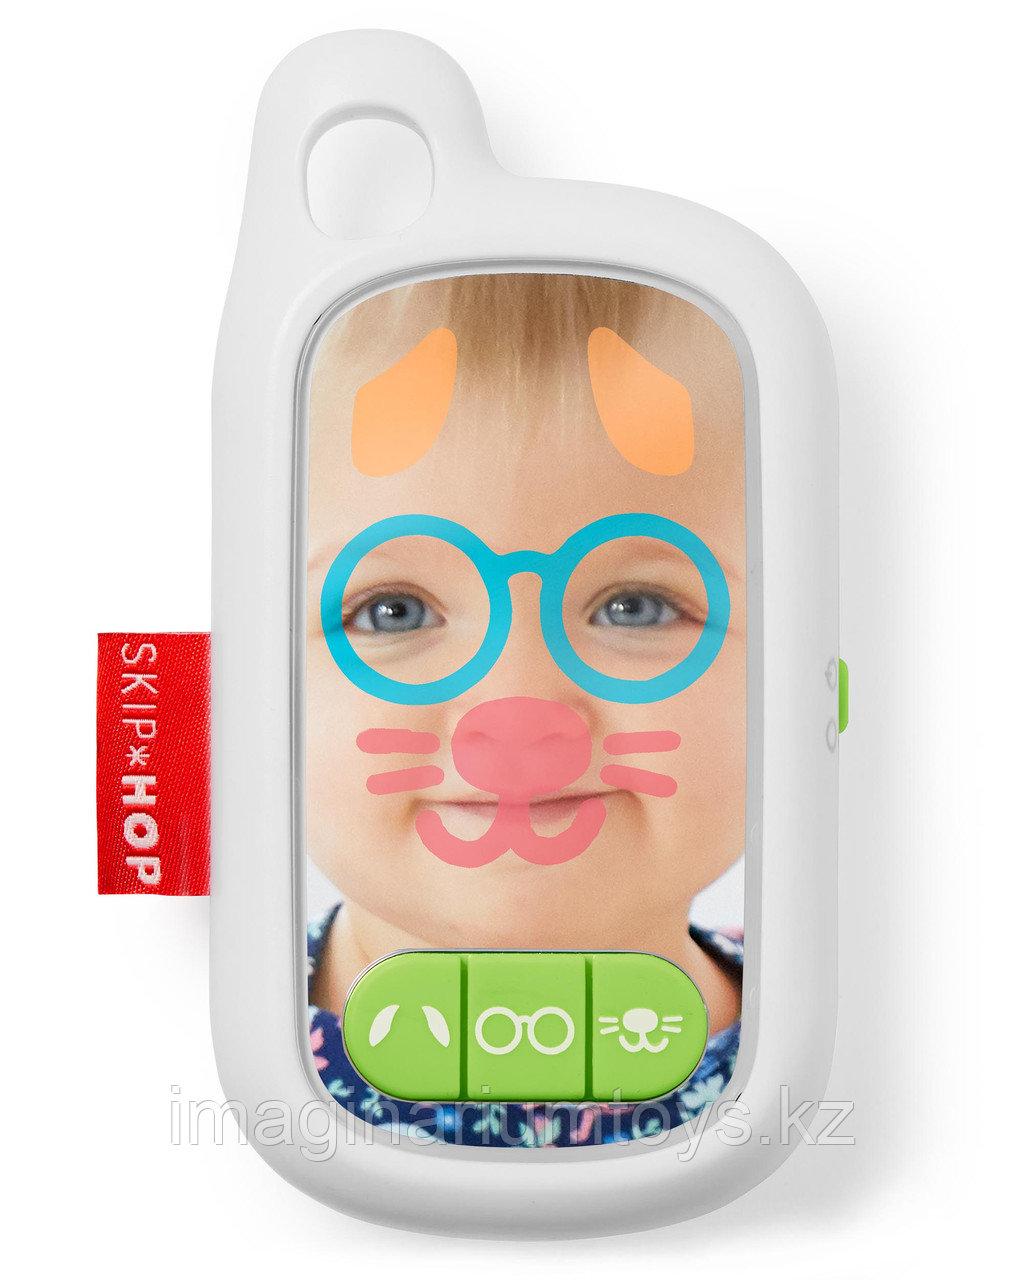 Игрушка для детей от 6 месяцев «Selfie Phone»